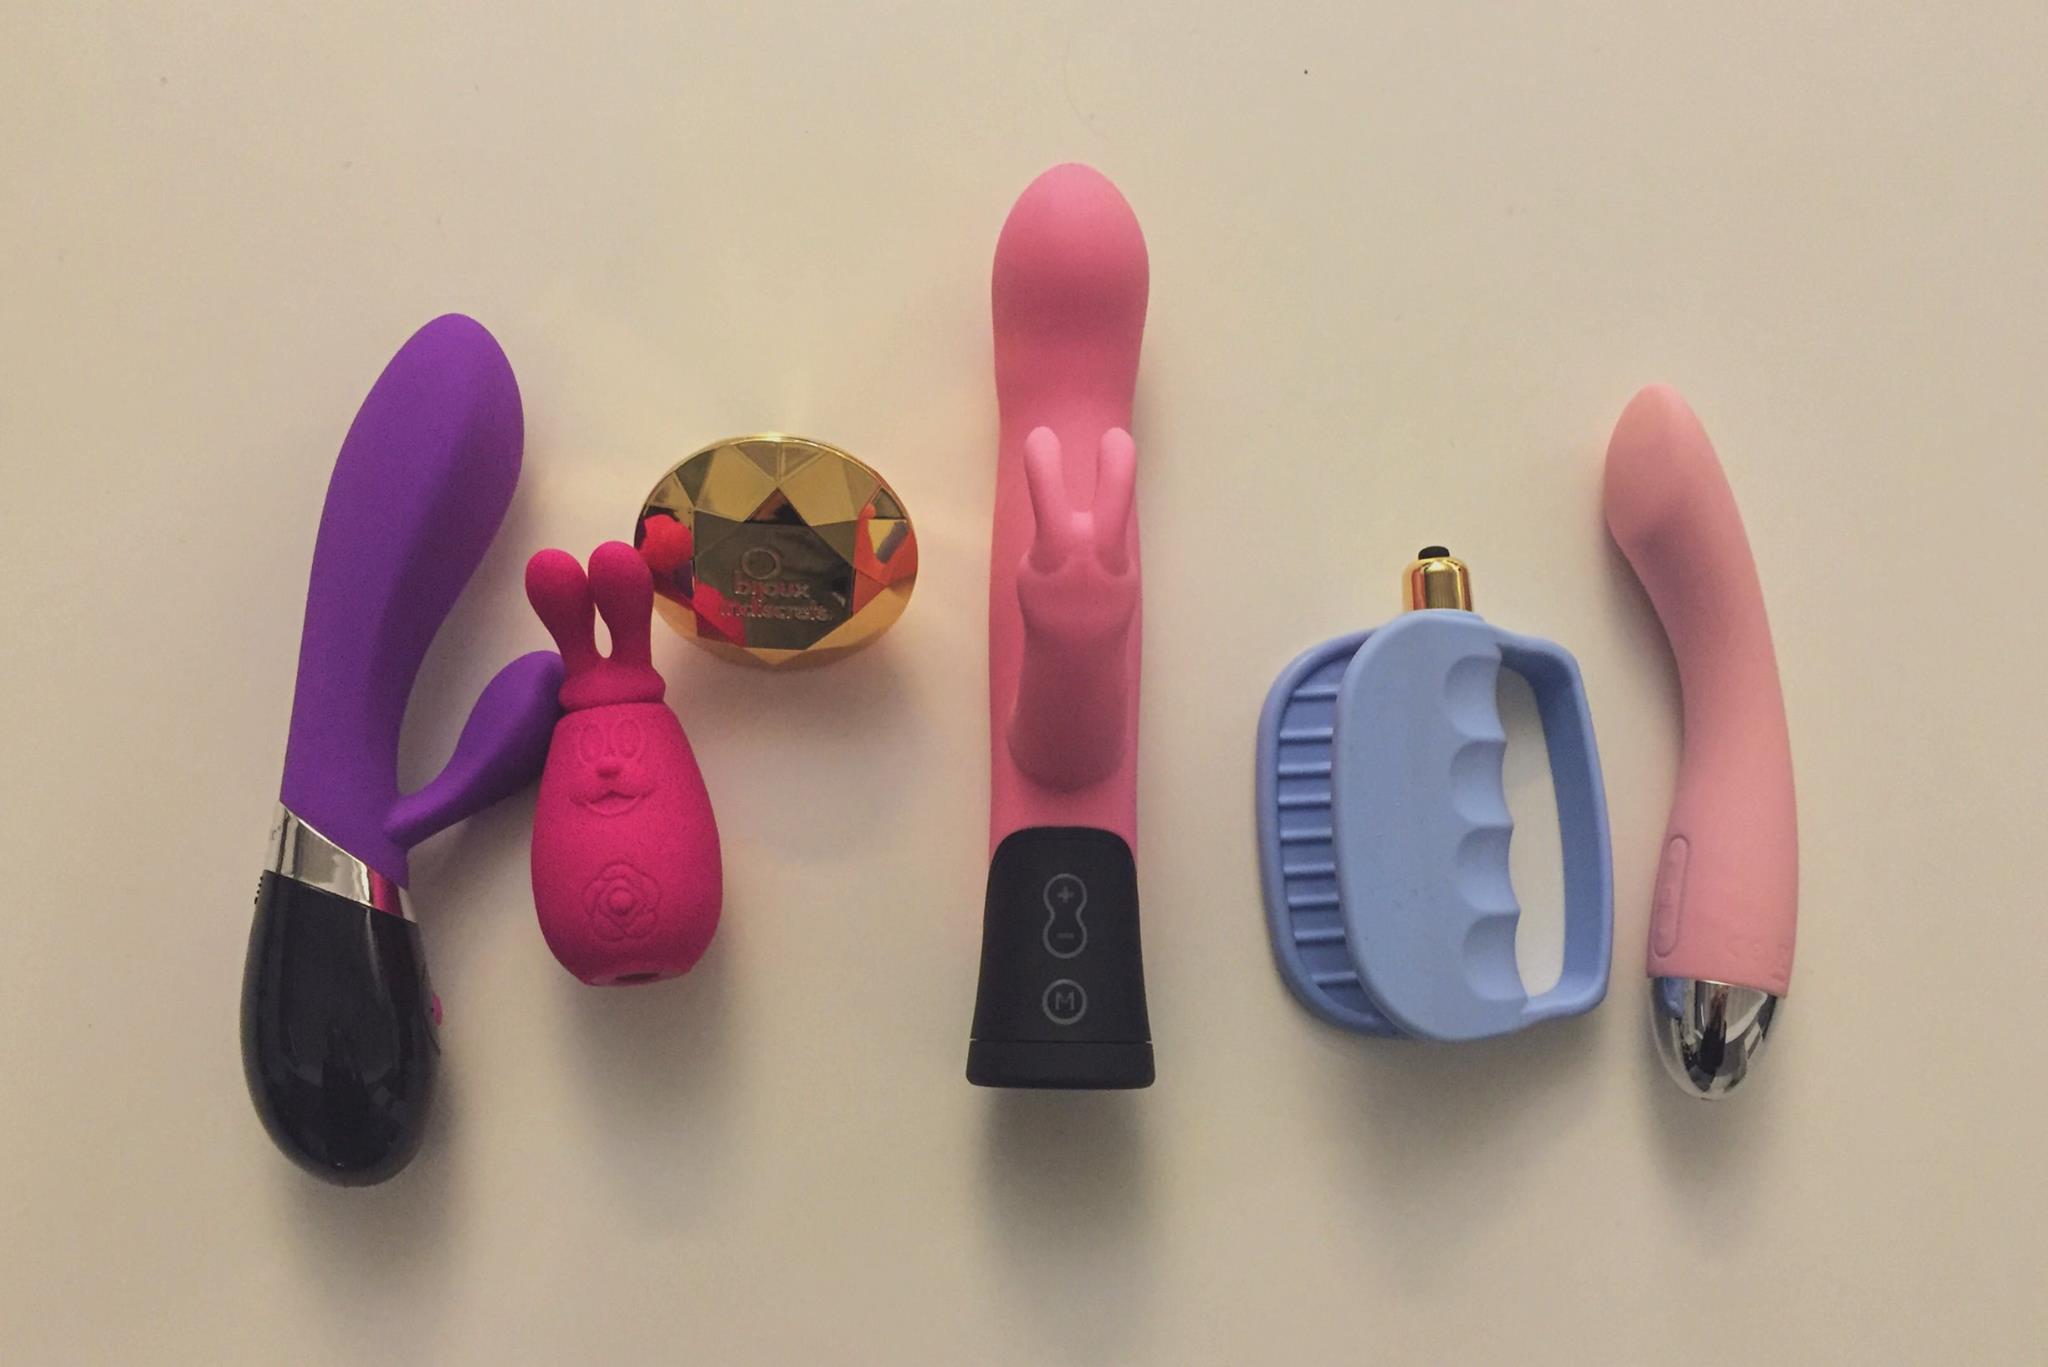 Esta empresa española busca 'conquistar' a 20 millones de mexicanas con sus juguetes sexuales